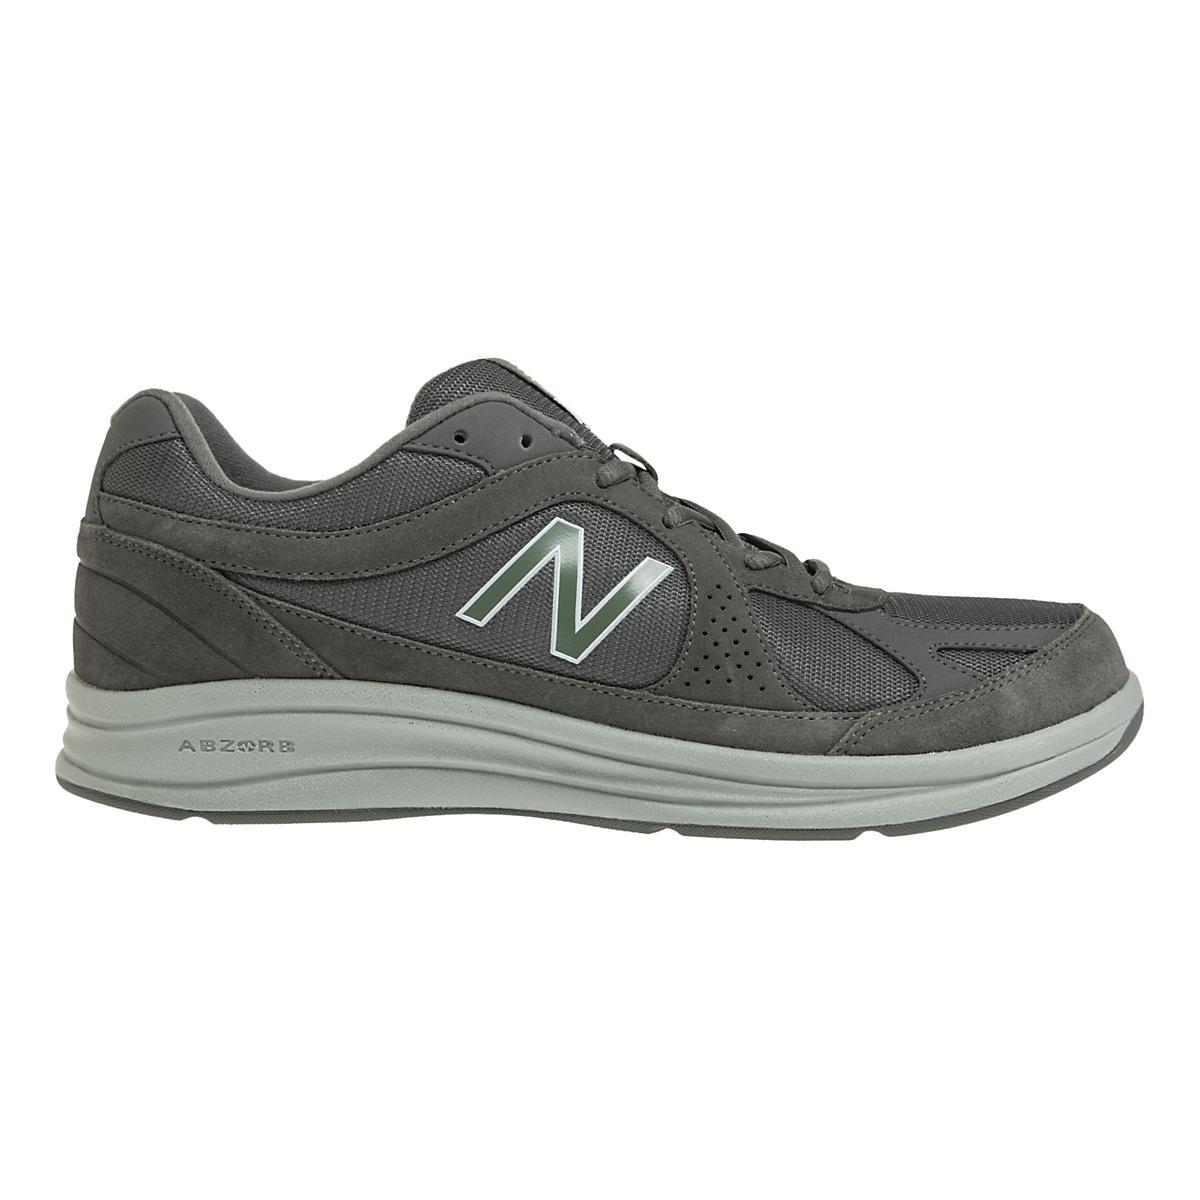 4348493544a14 Mens New Balance 877 Walking Shoe at Road Runner Sports